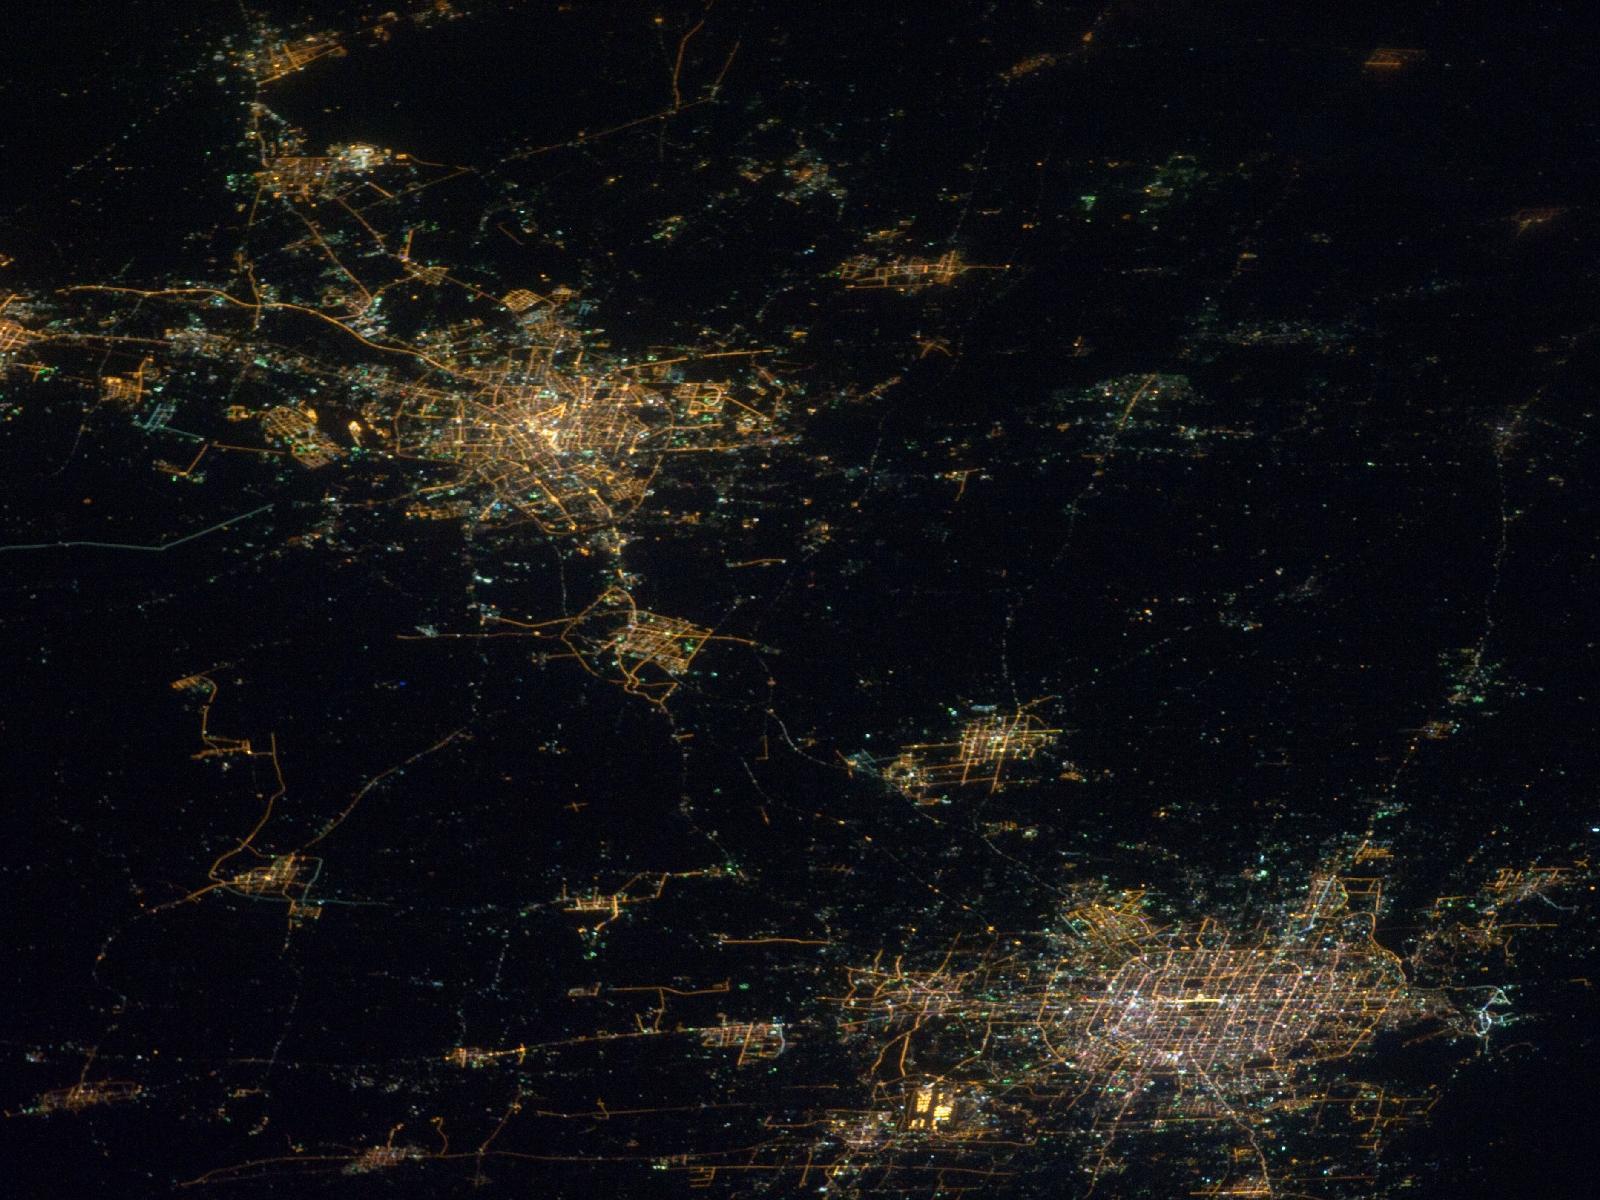 Foto nocturna de Pekín Beijing tomada desde el espacio